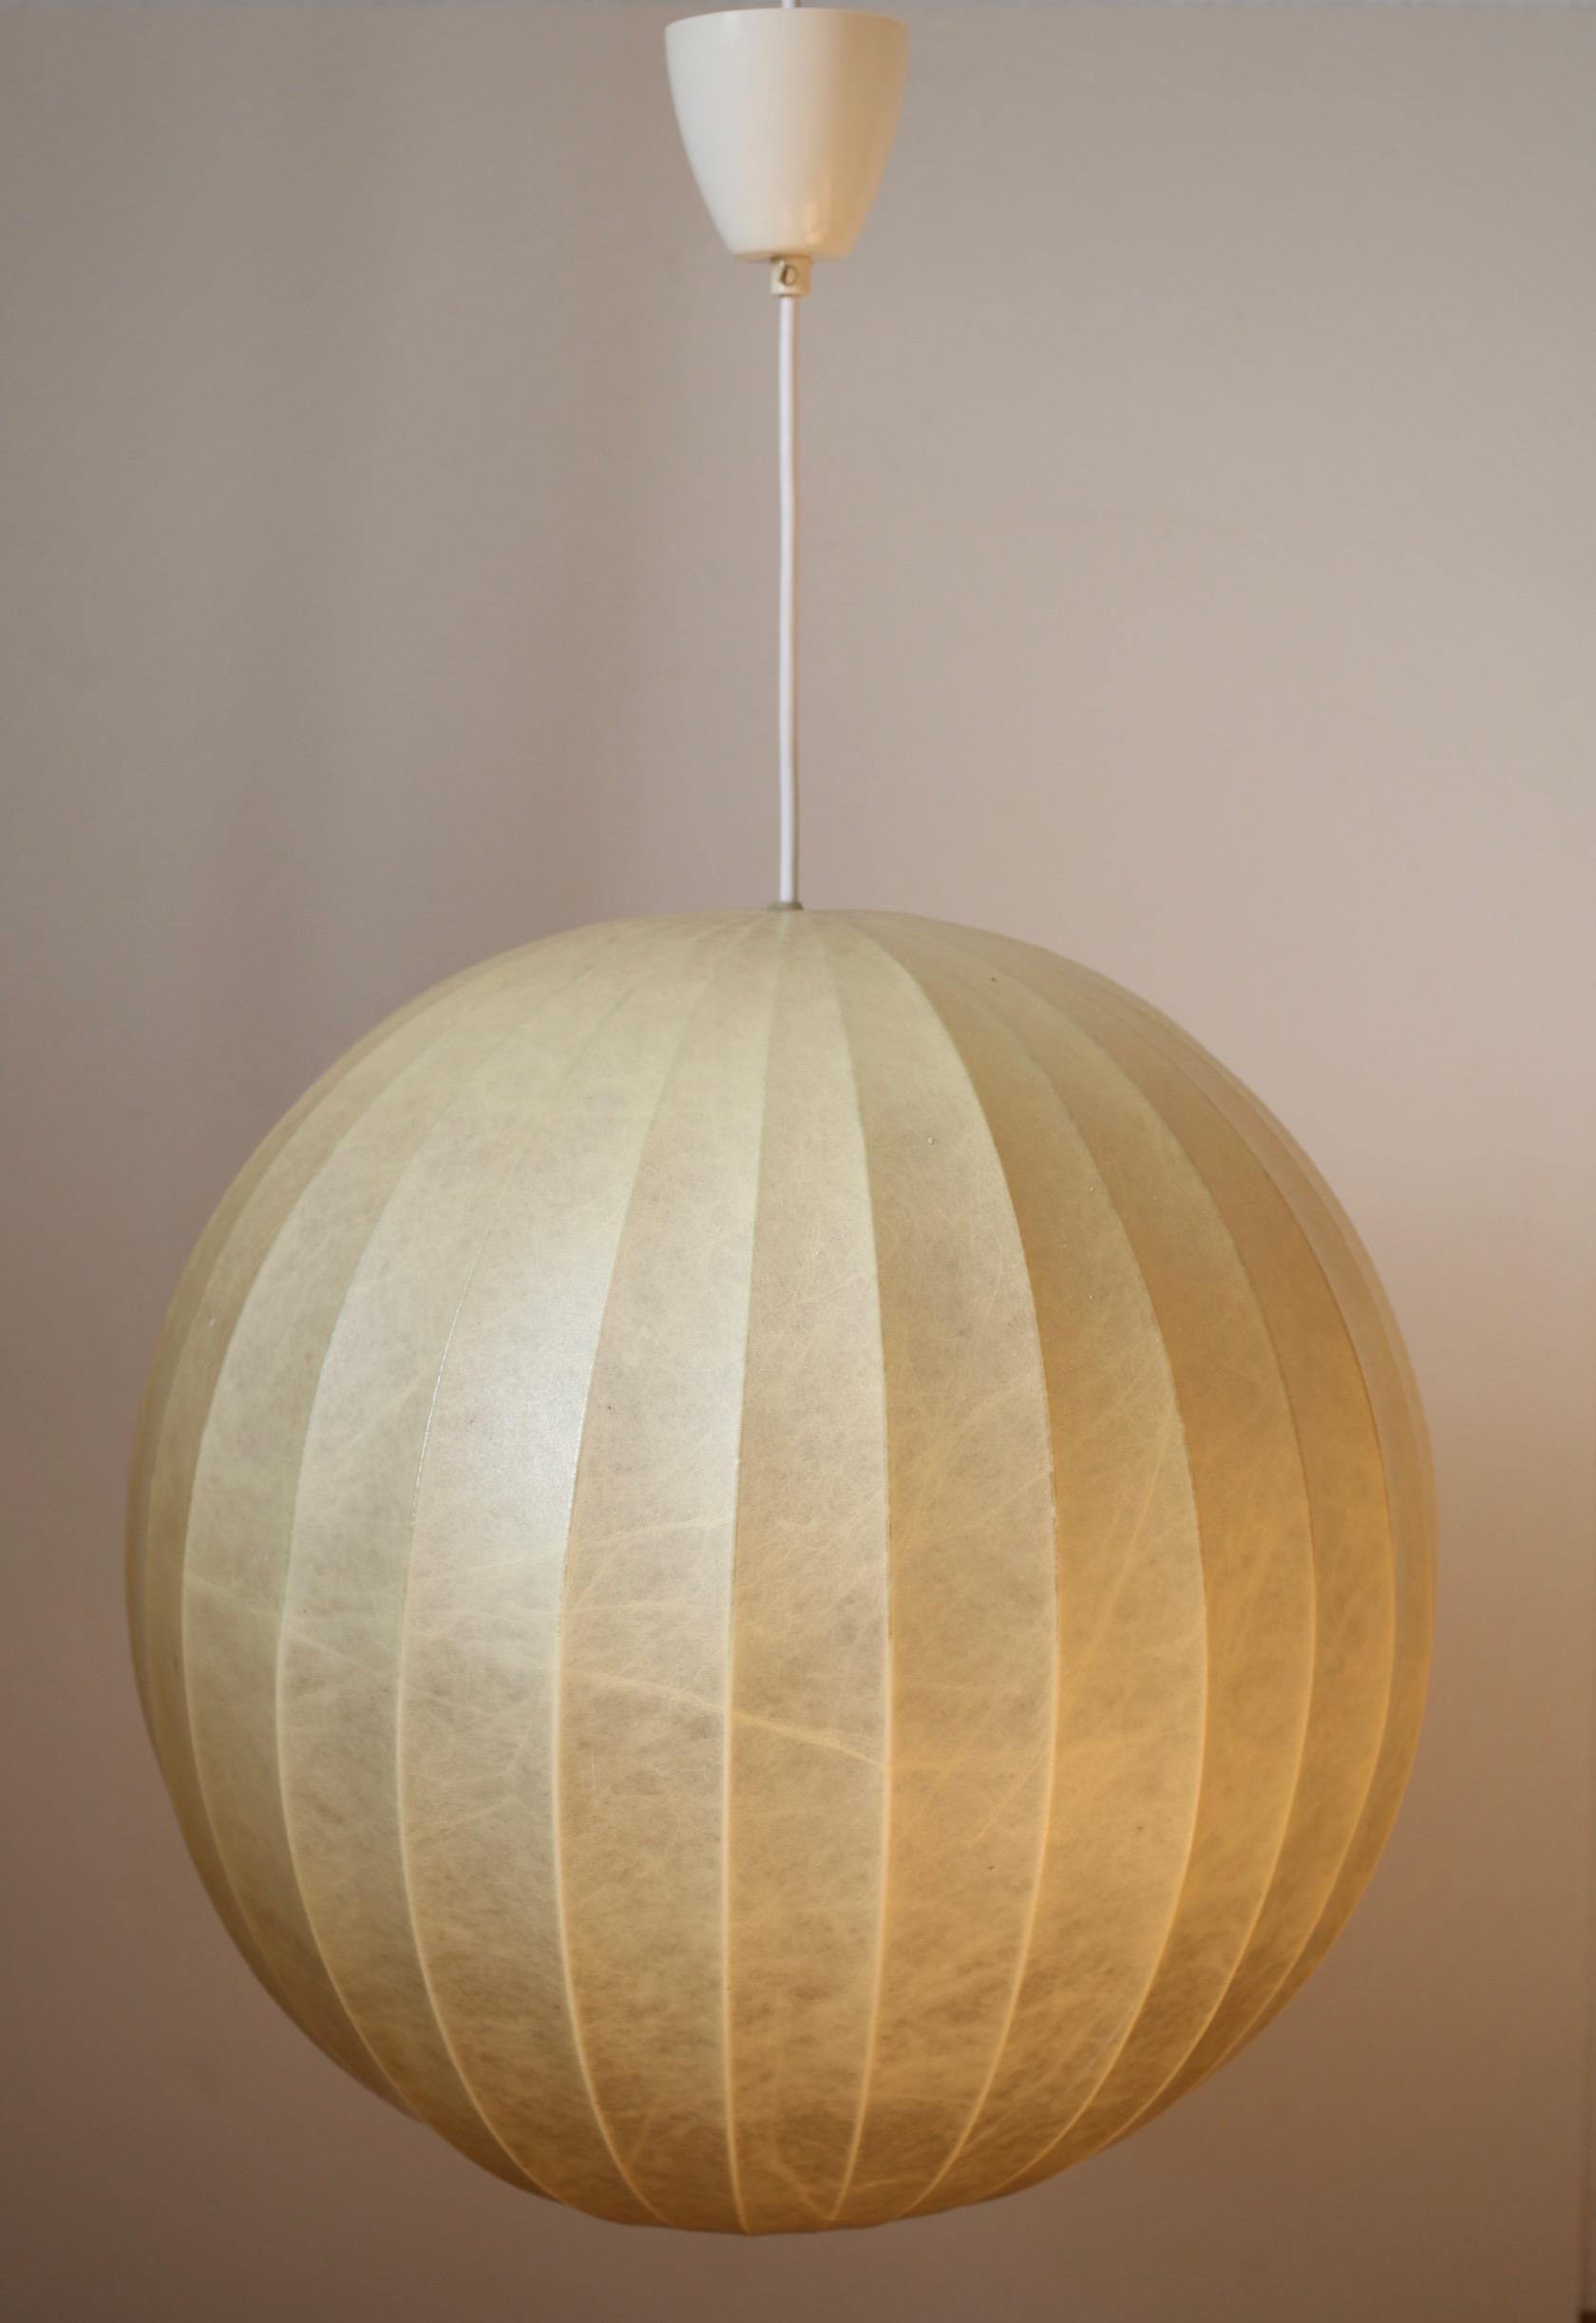 gro e cocoon lampe aus den 60er jahren raumwunder vintage wohnen in n rnberg. Black Bedroom Furniture Sets. Home Design Ideas